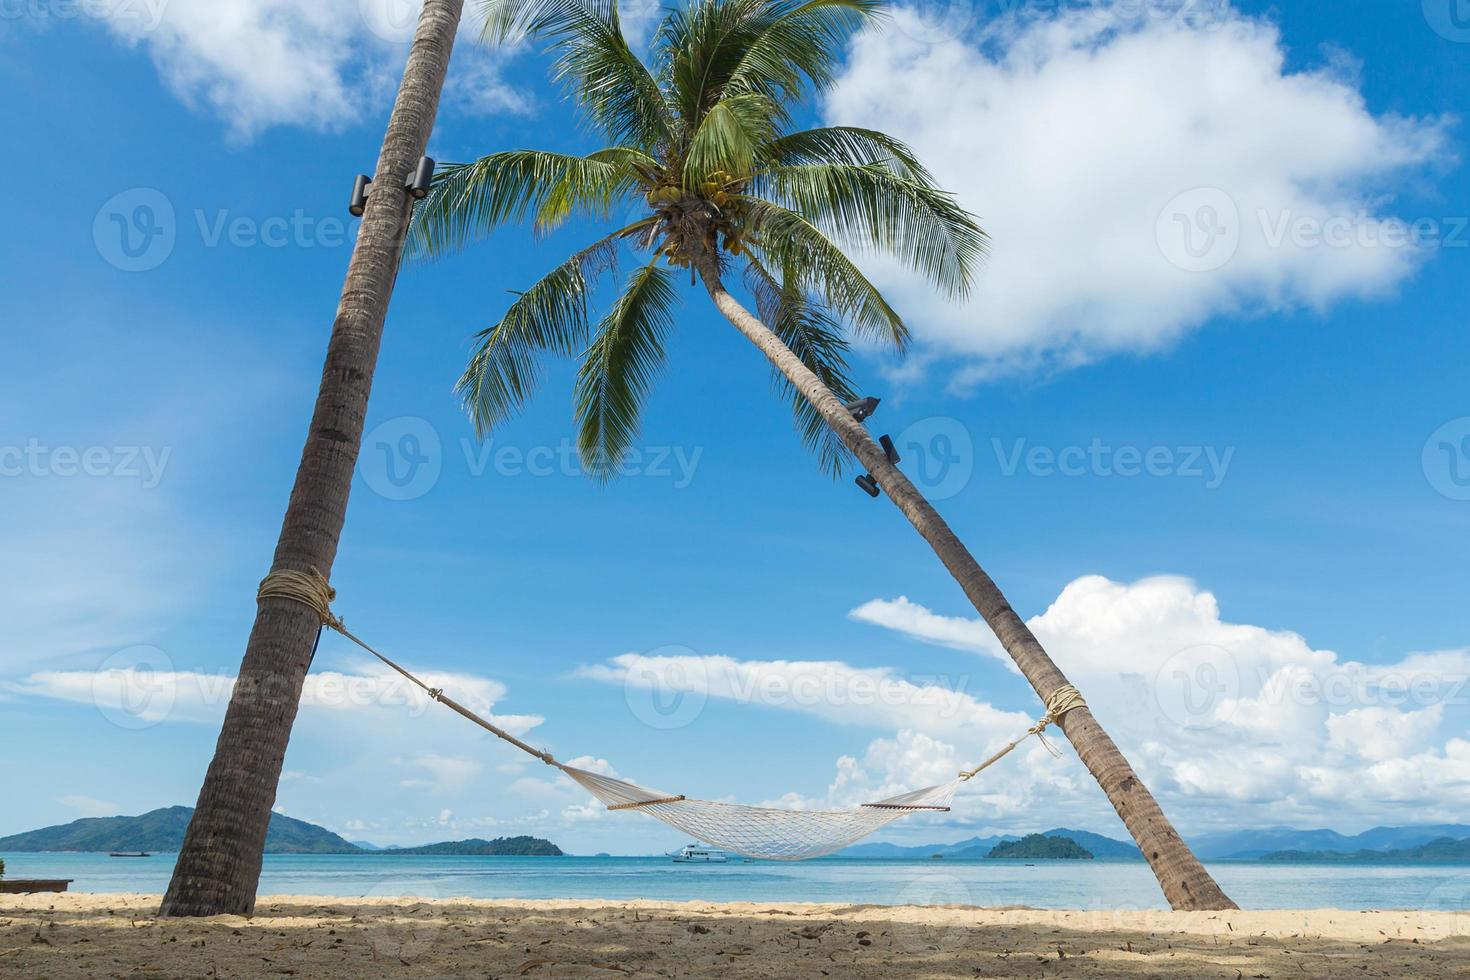 barella da spiaggia foto